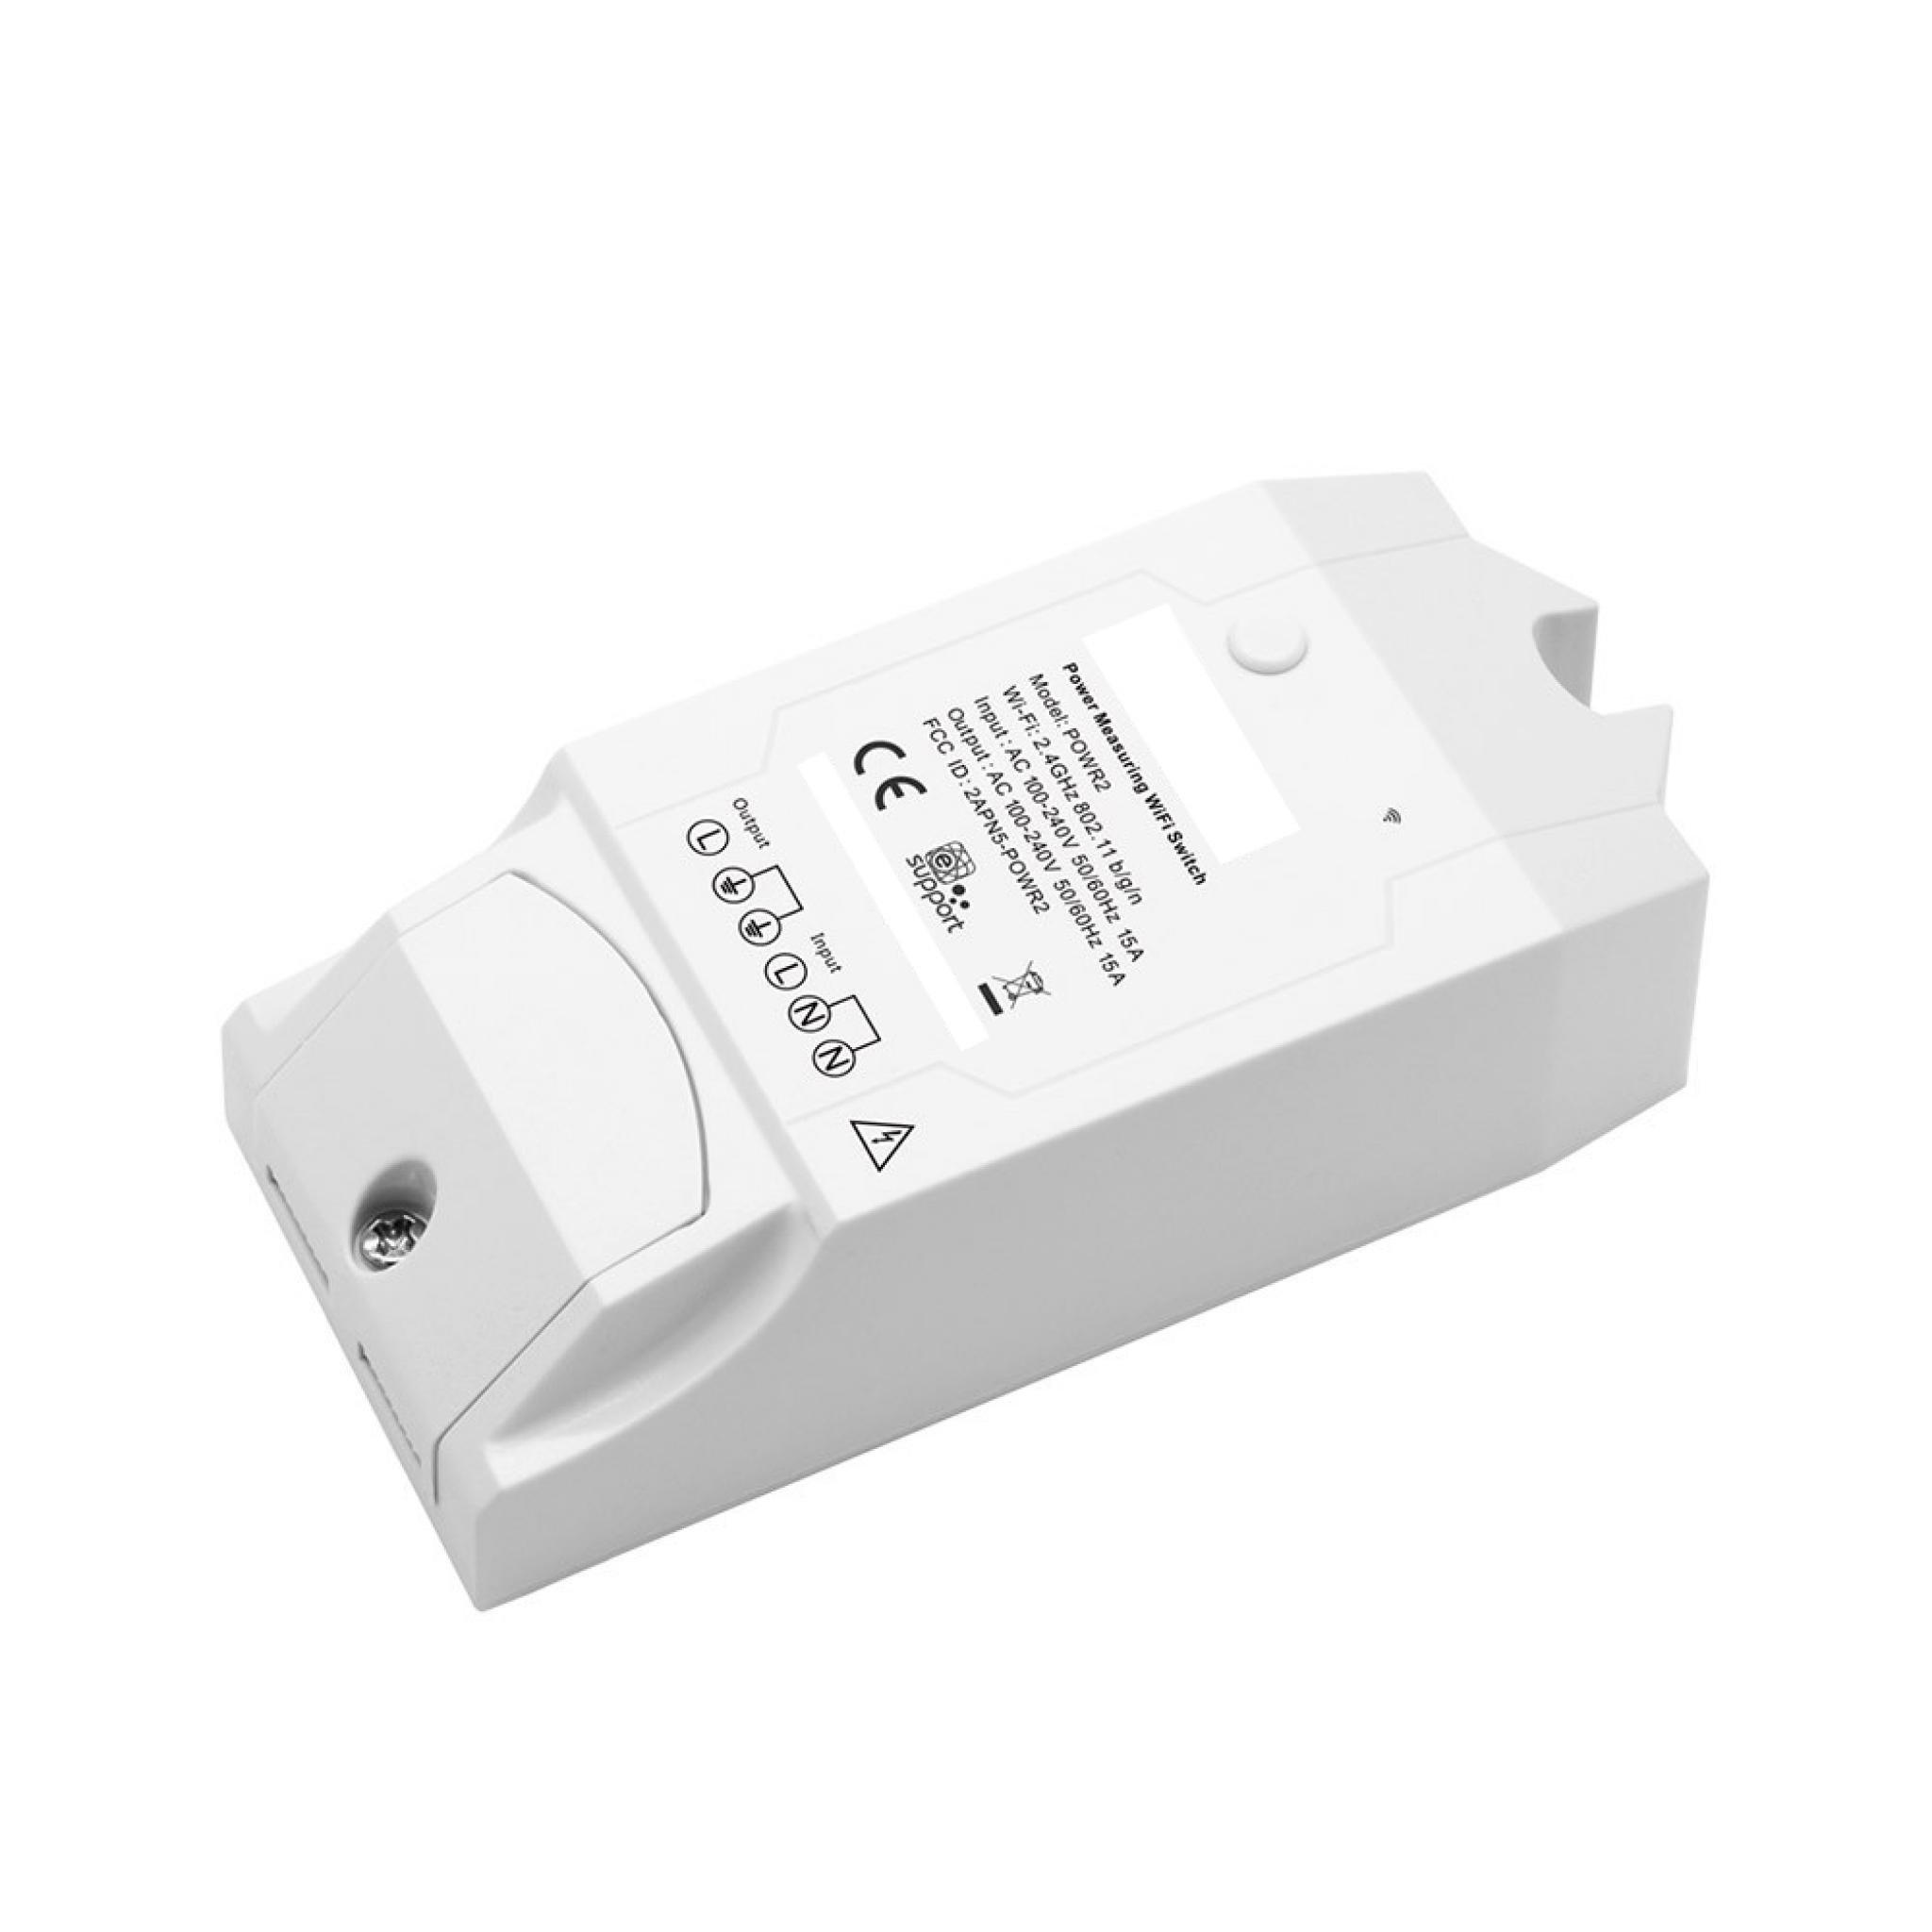 Sonoff Pow r2 WiFi Inal/ámbrico Interruptor ON//Off 15A Con Medici/ón del Consumo